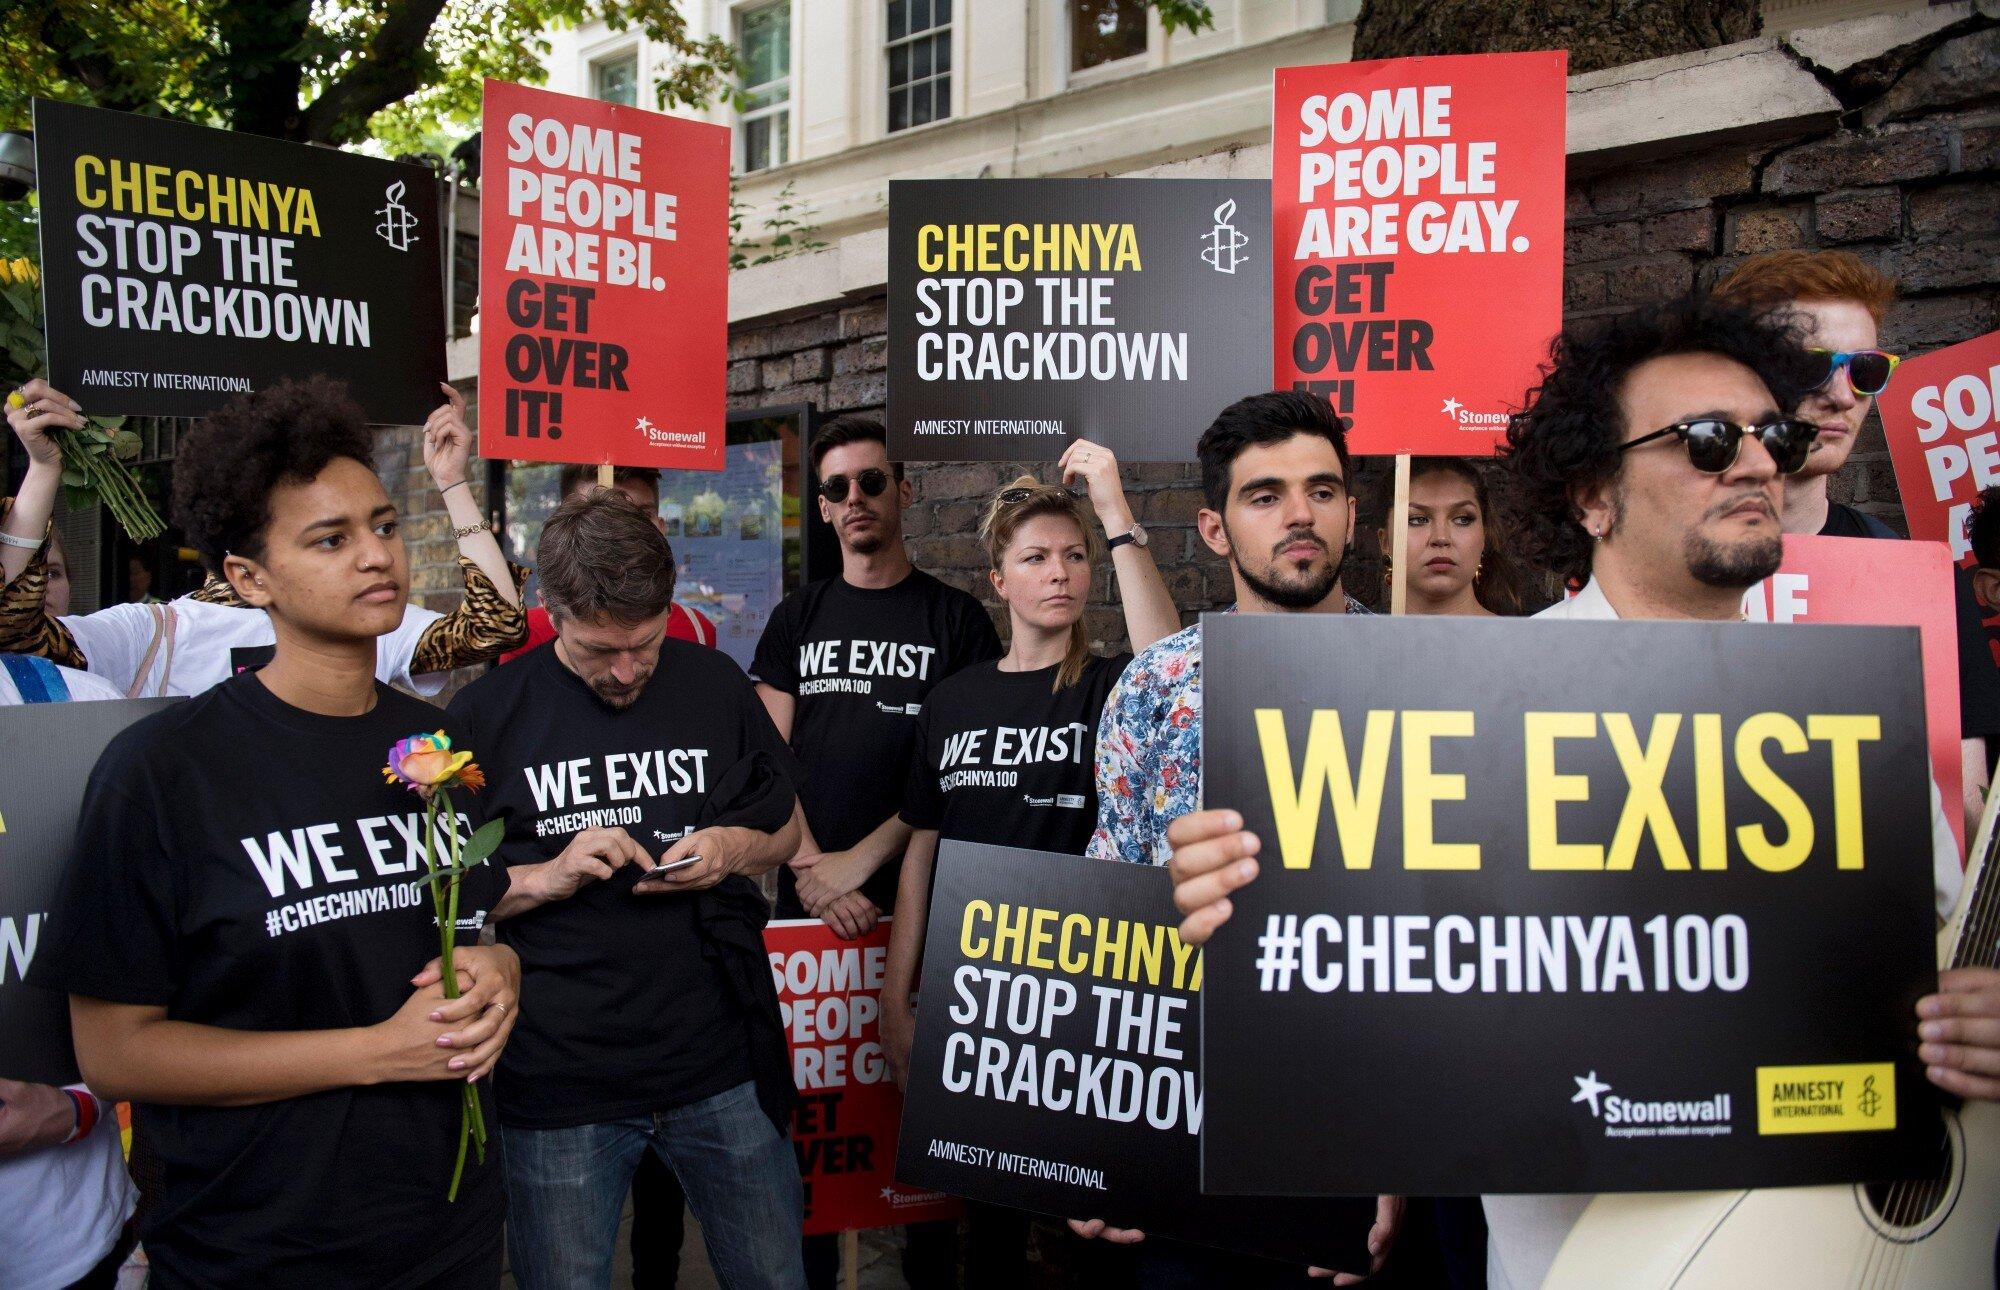 До програми Sundance 2020 включили фільм про ЛГБТК спільноту в Чечні